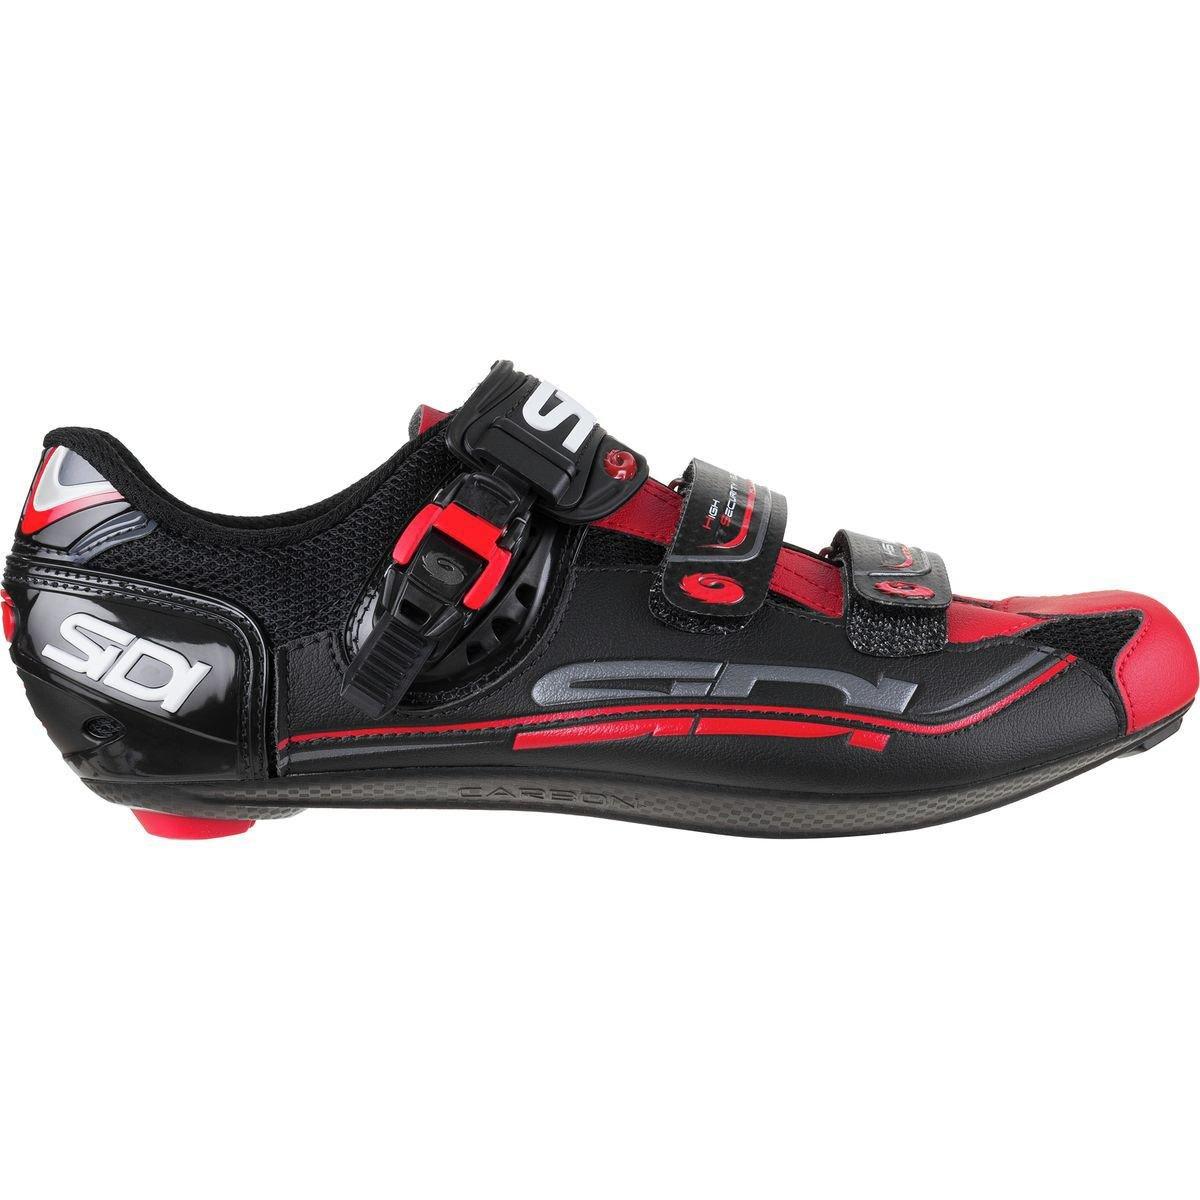 Sidi Genius 7 Road靴   B074JRQB54